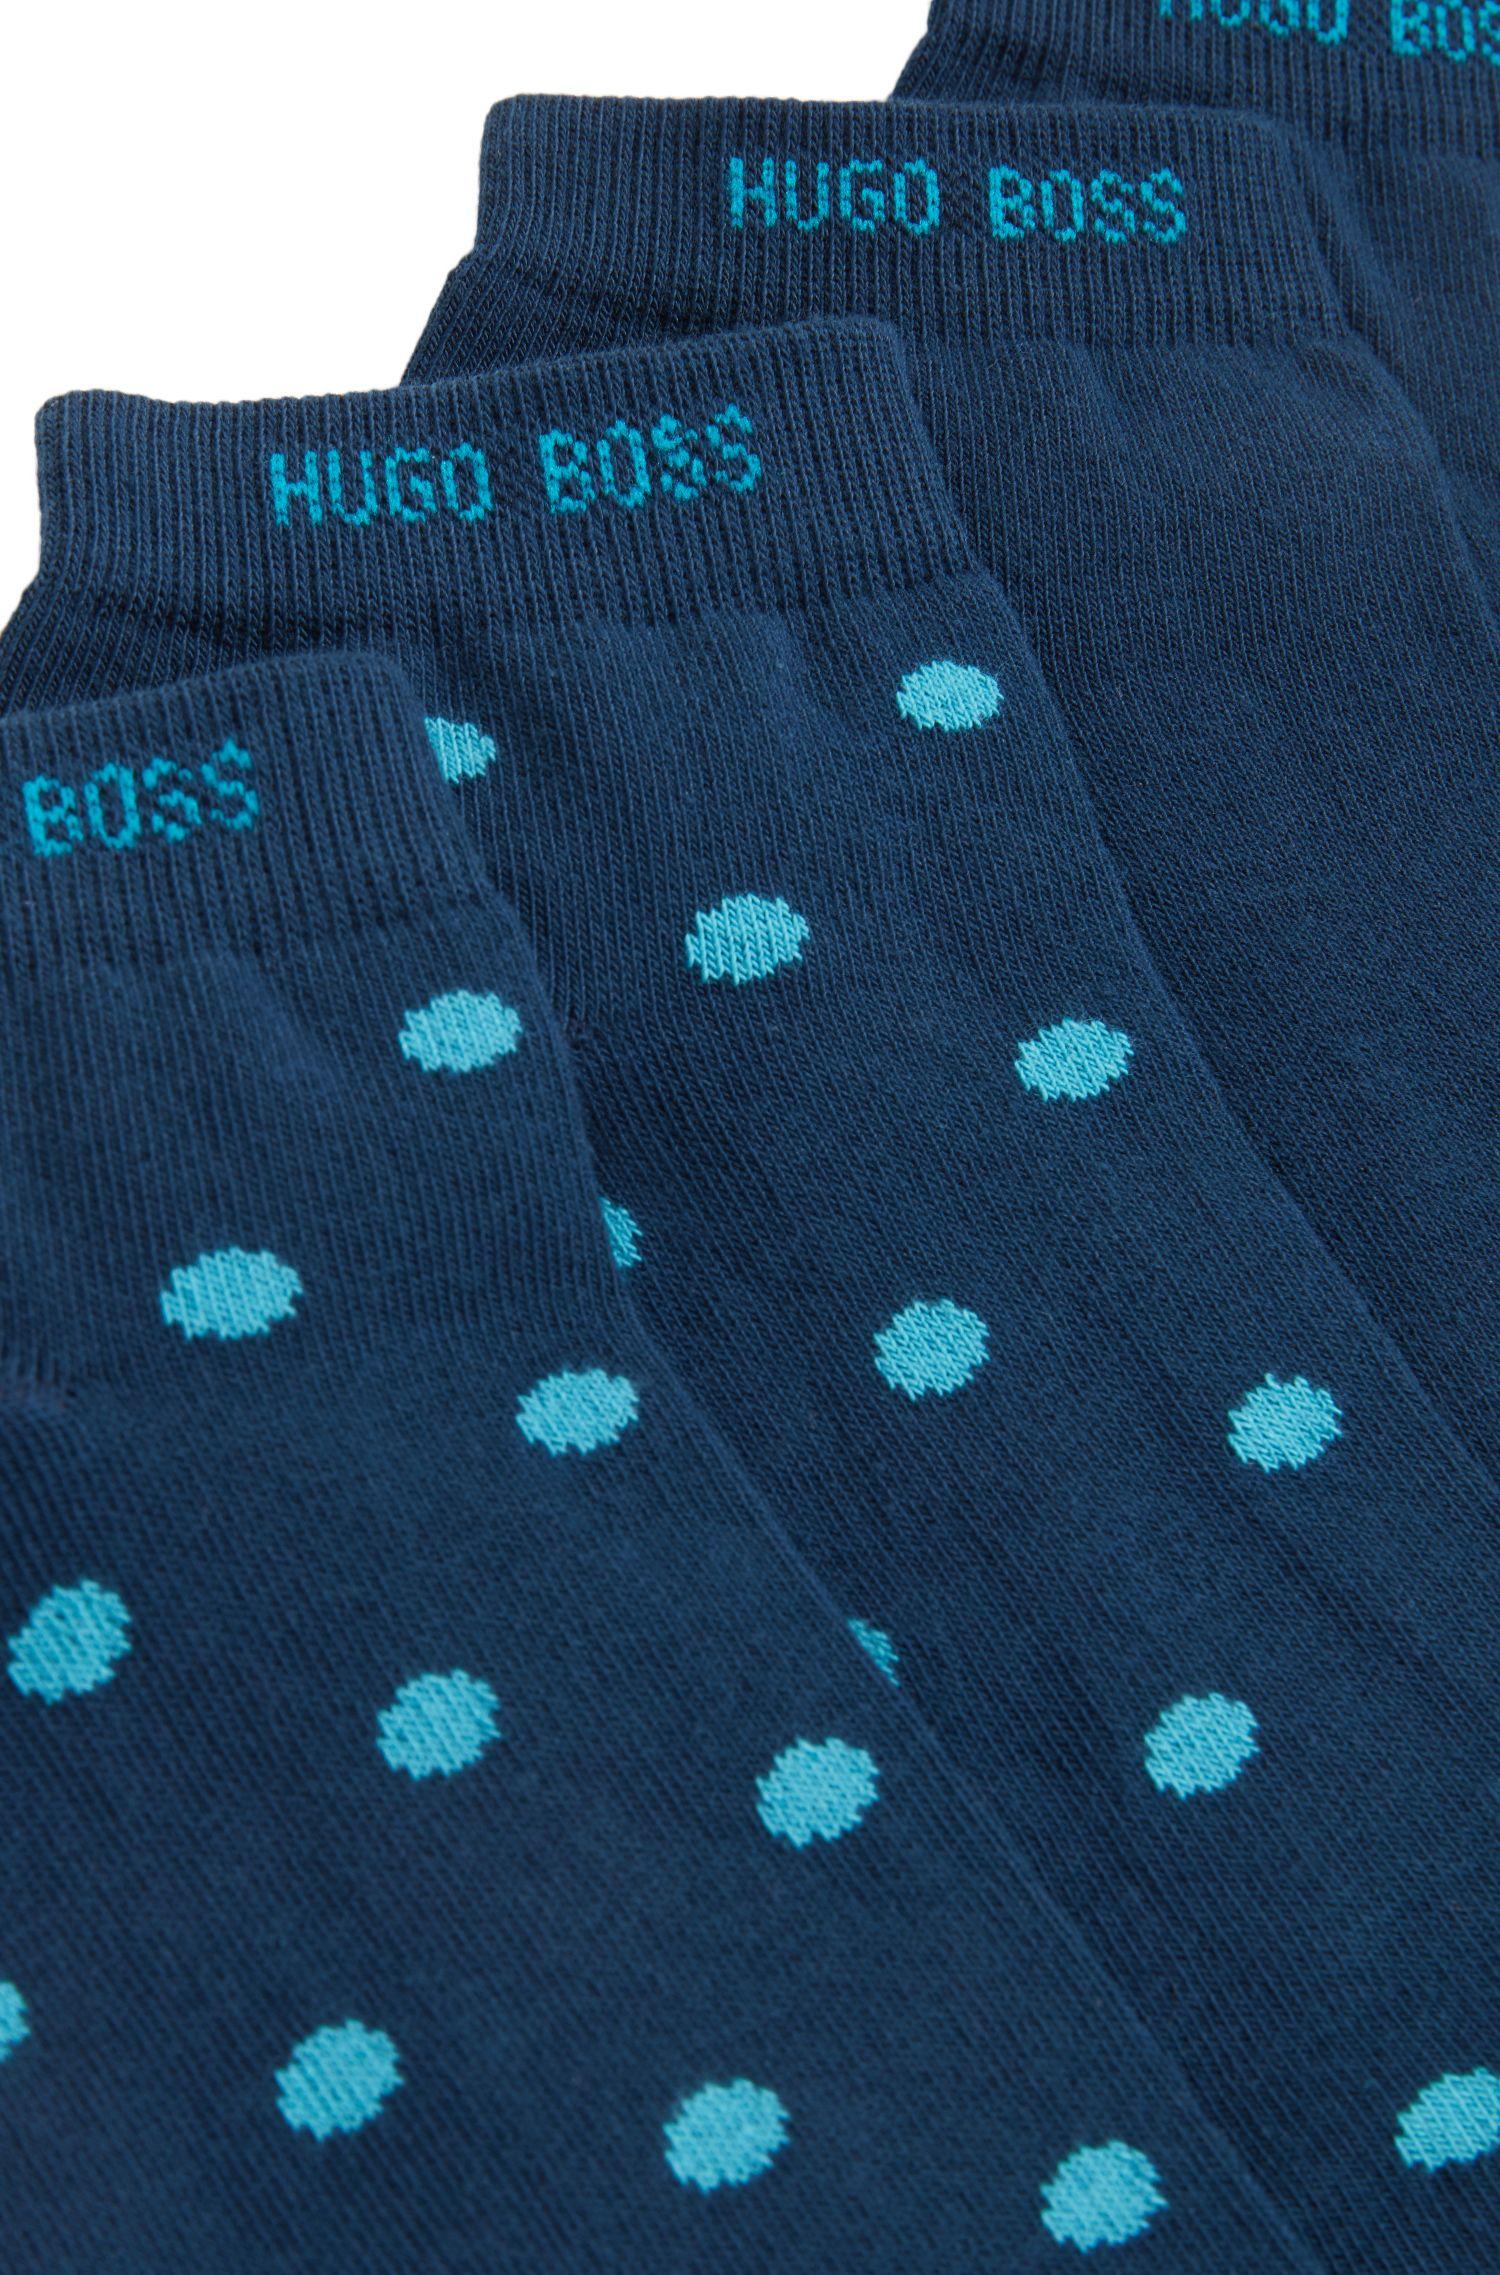 Sneaker-Socken aus Baumwoll-Mix im Zweier-Pack